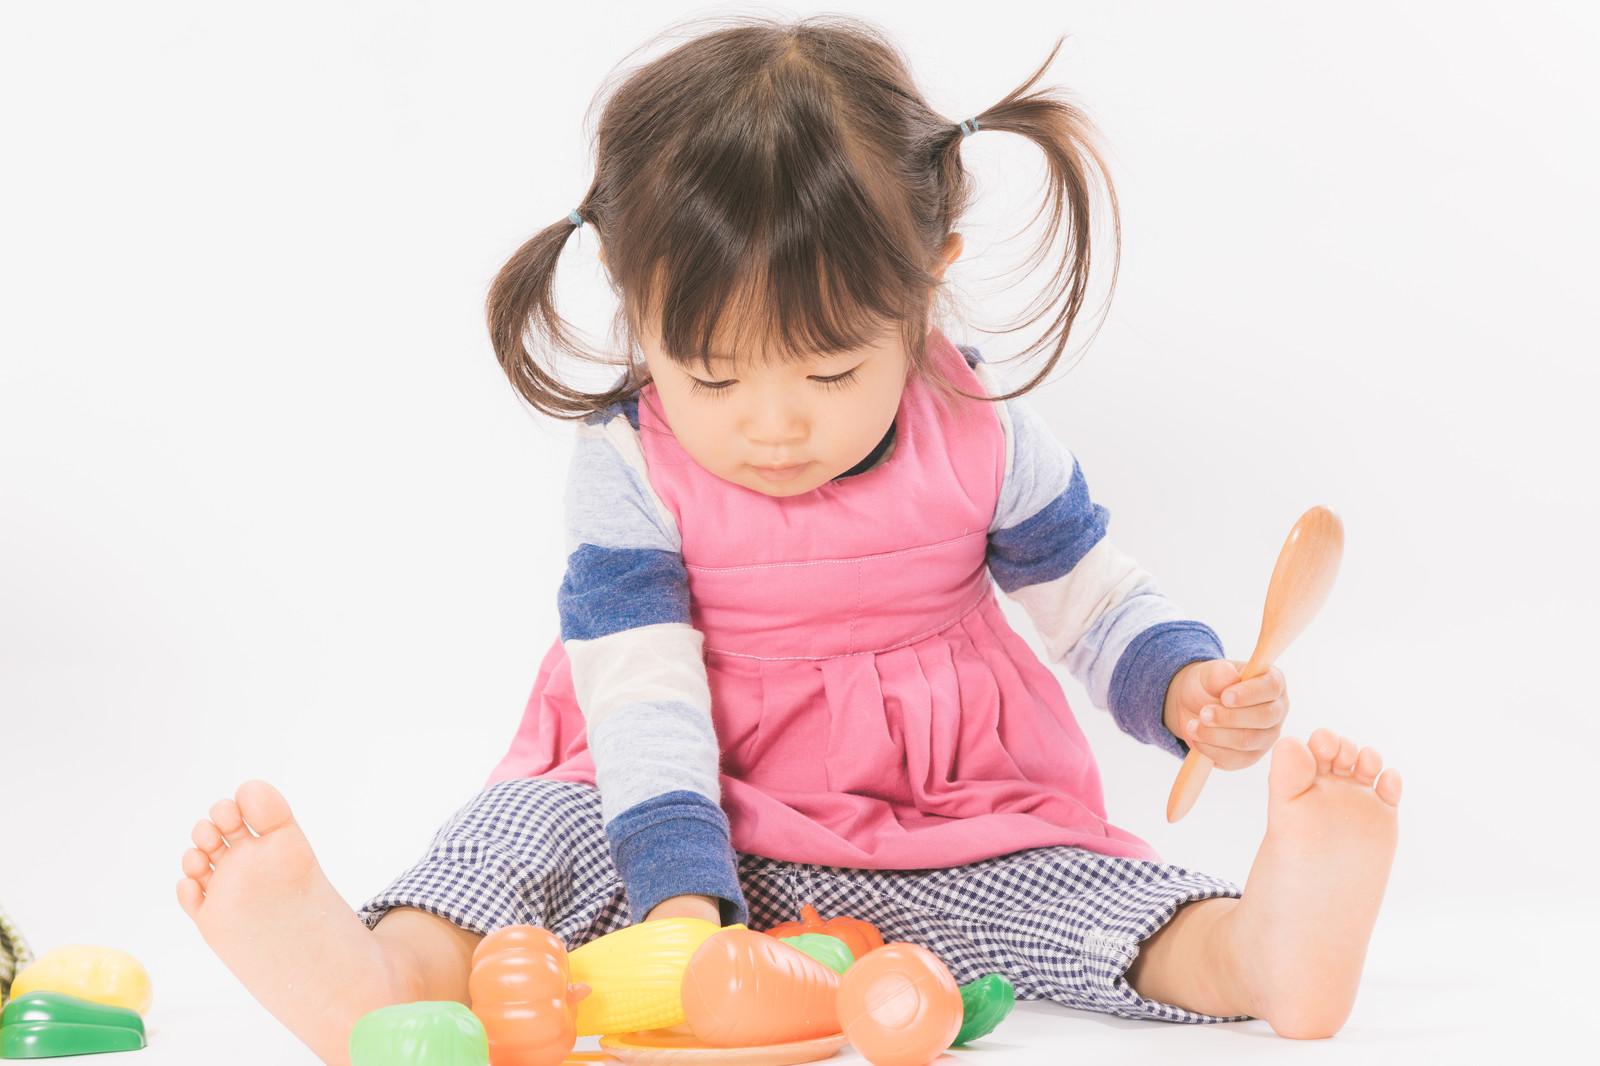 京都市ファミリーサポートで遊んでいる赤ちゃんのイメージ